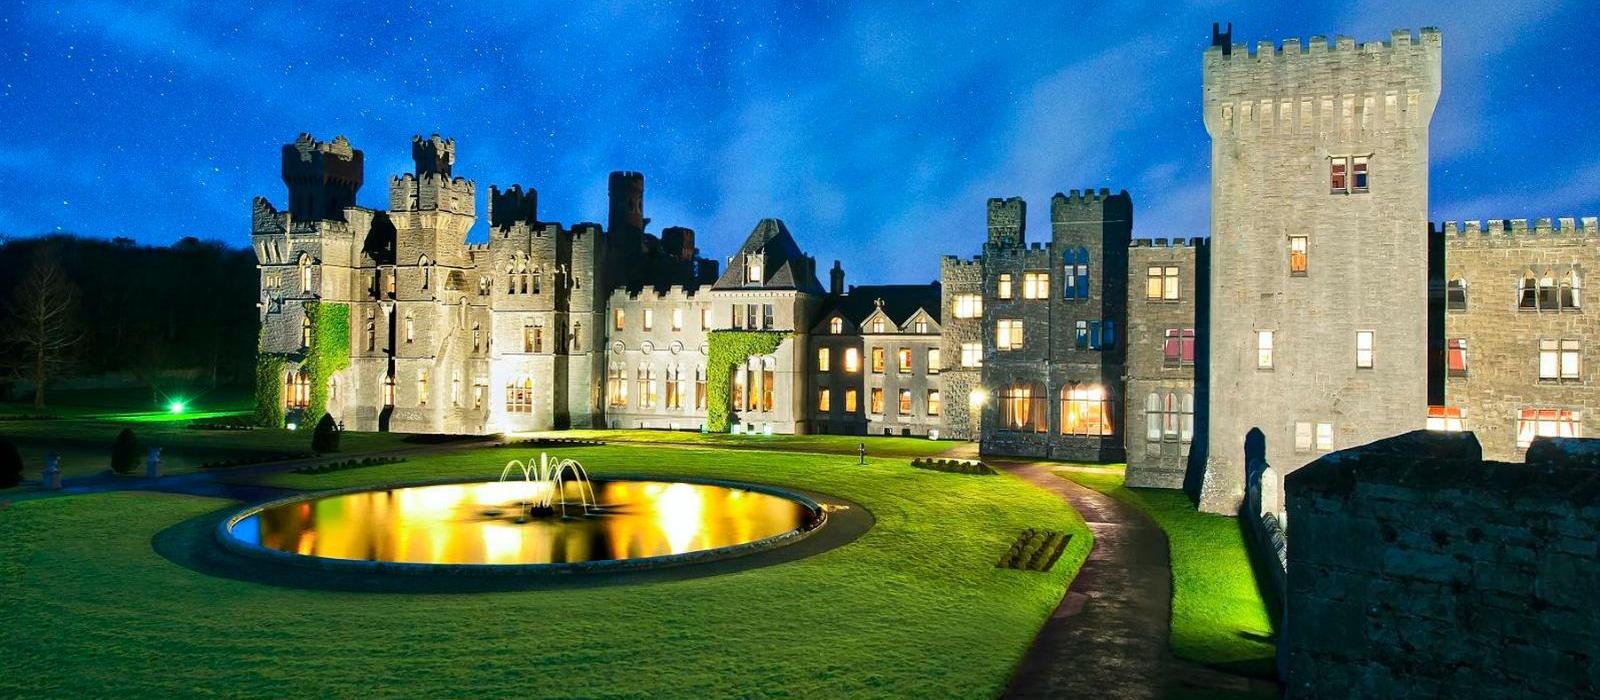 阿什福德城堡酒店(Ashford Castle) 图片  www.lhw.cn